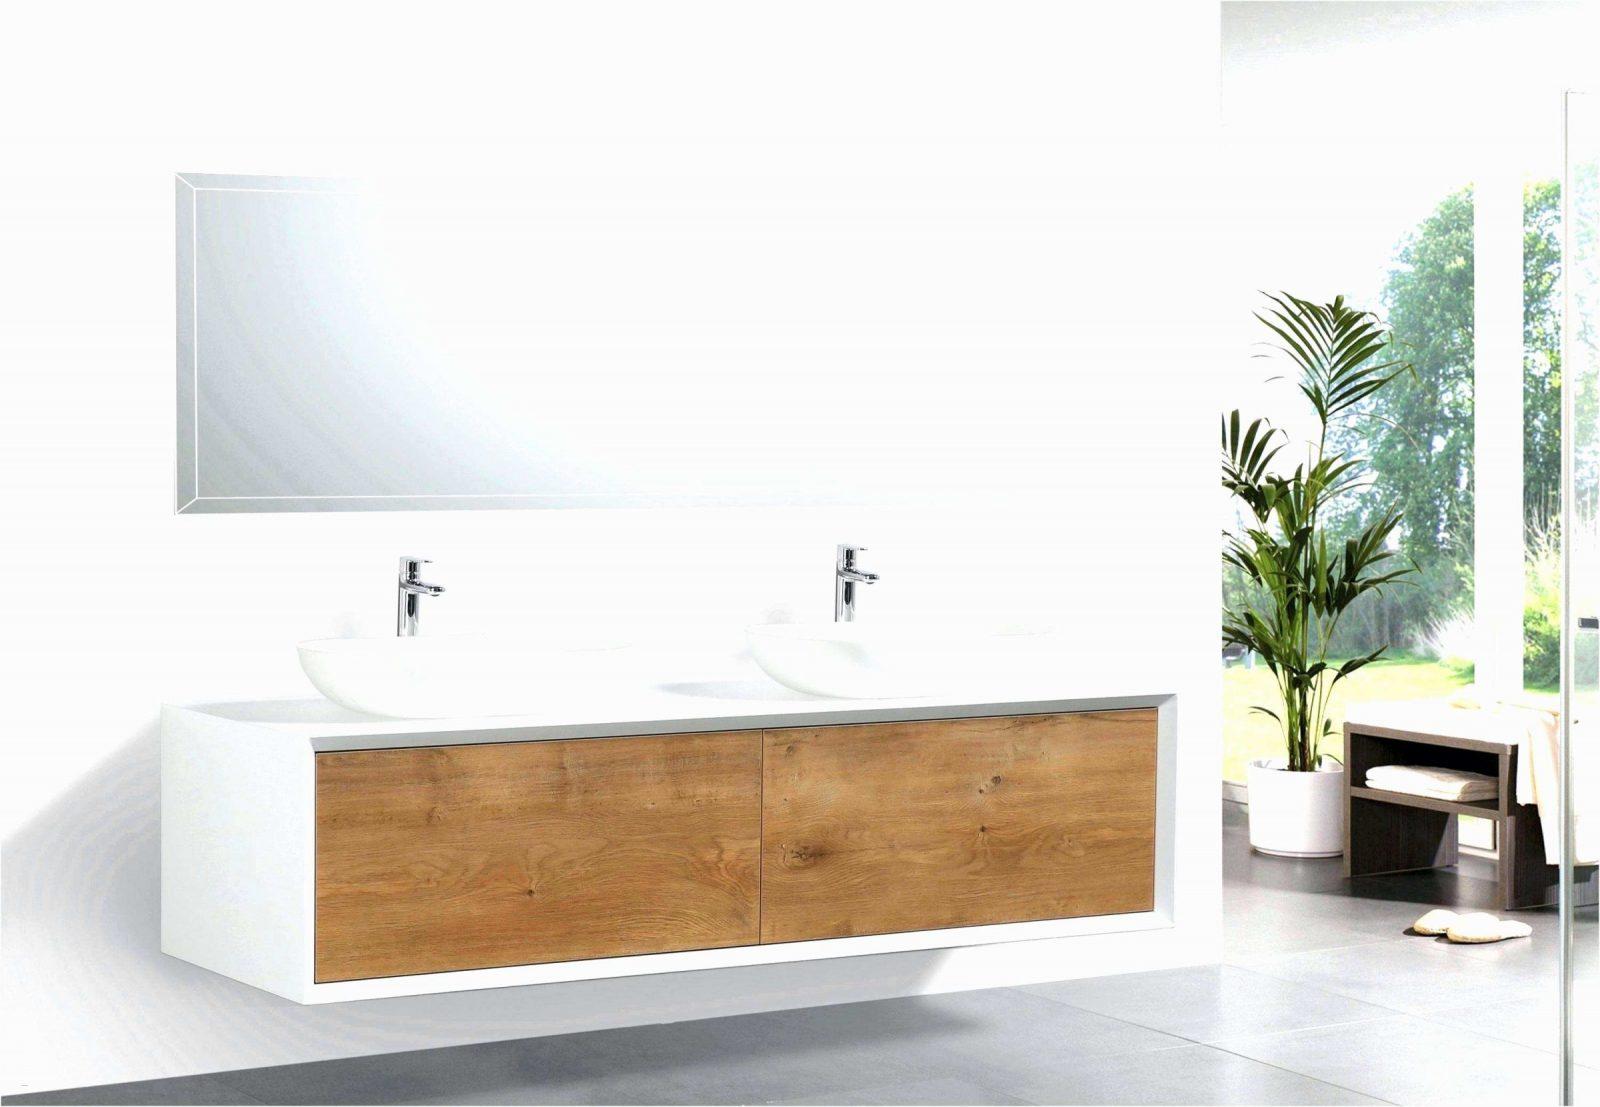 34 Künstlerisch Designideen Von Waschtisch Holz Aufsatzwaschbecken von Waschtisch Holz Mit Aufsatzwaschbecken Photo